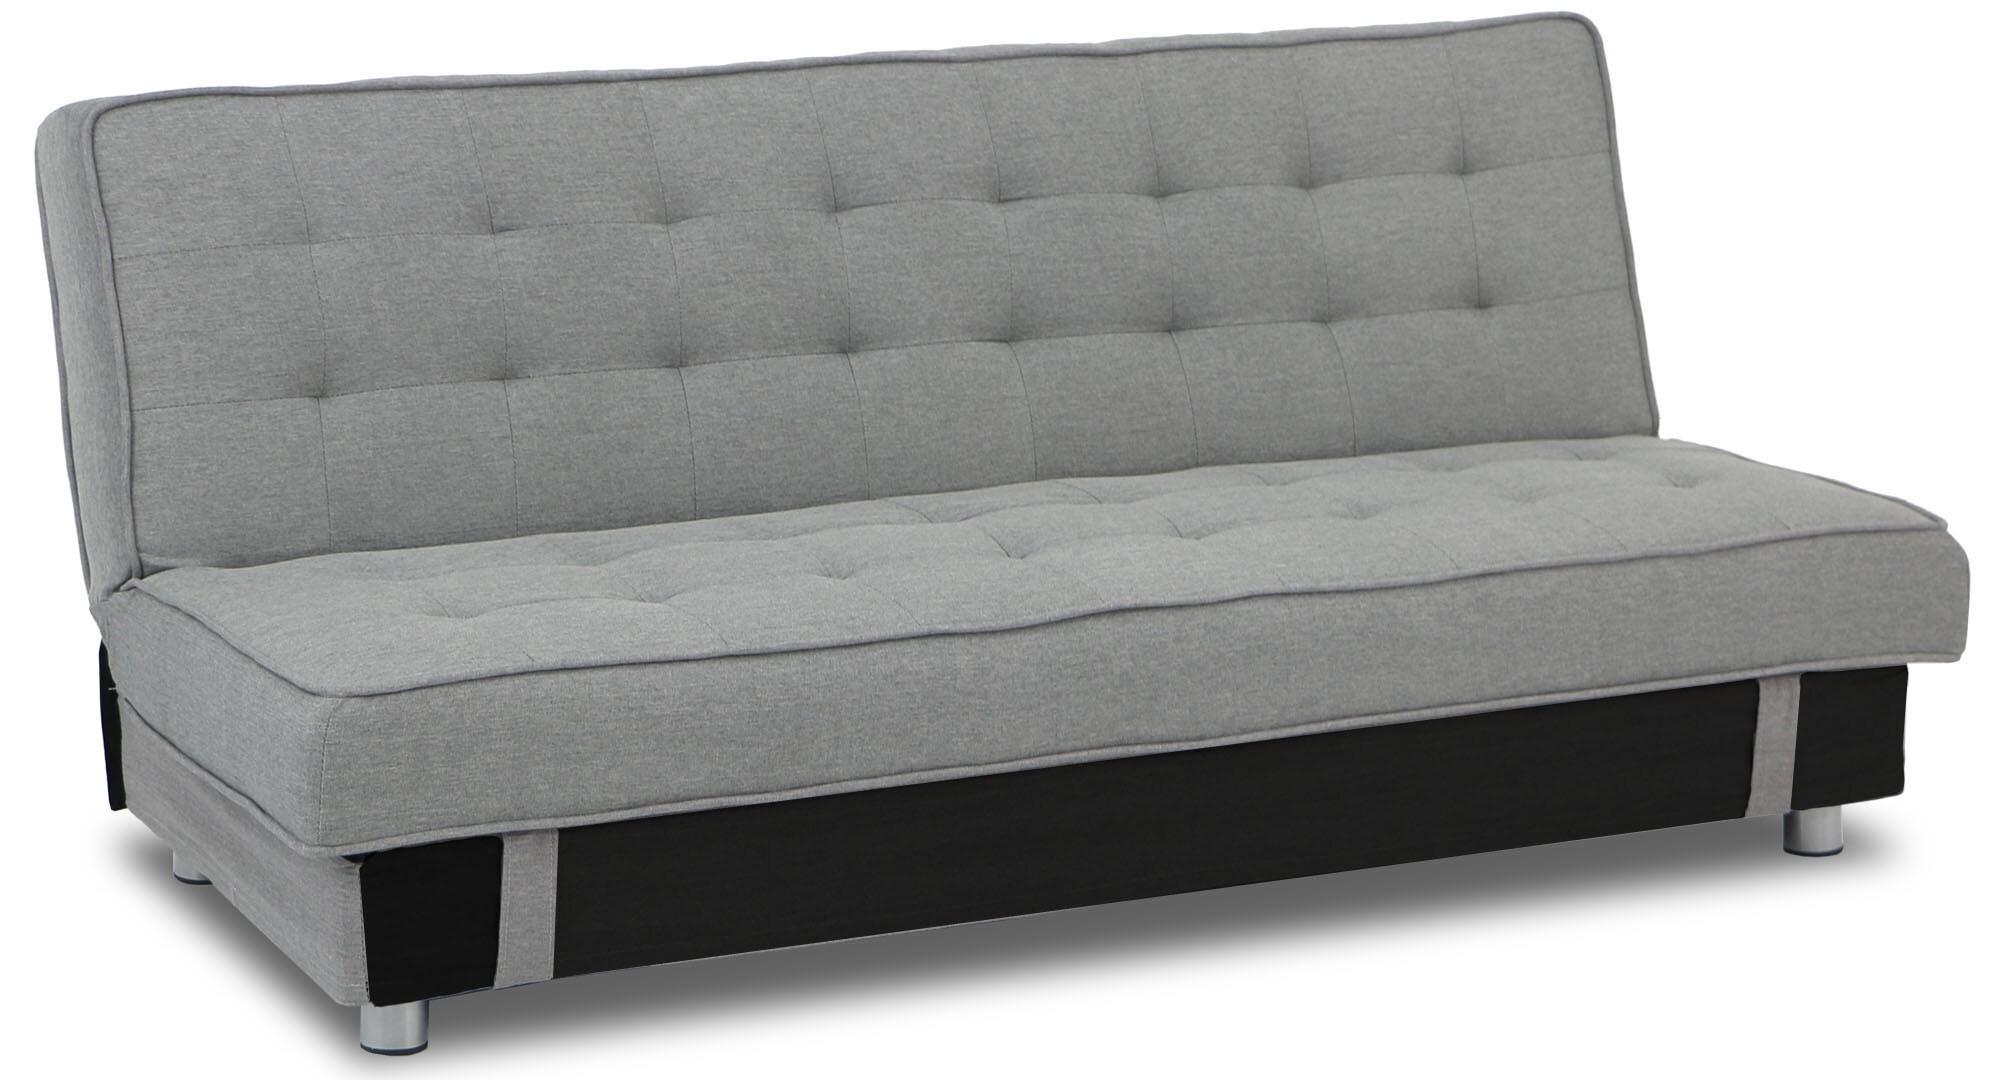 Prime Steinar Storage Sofa Bed Grey Download Free Architecture Designs Intelgarnamadebymaigaardcom